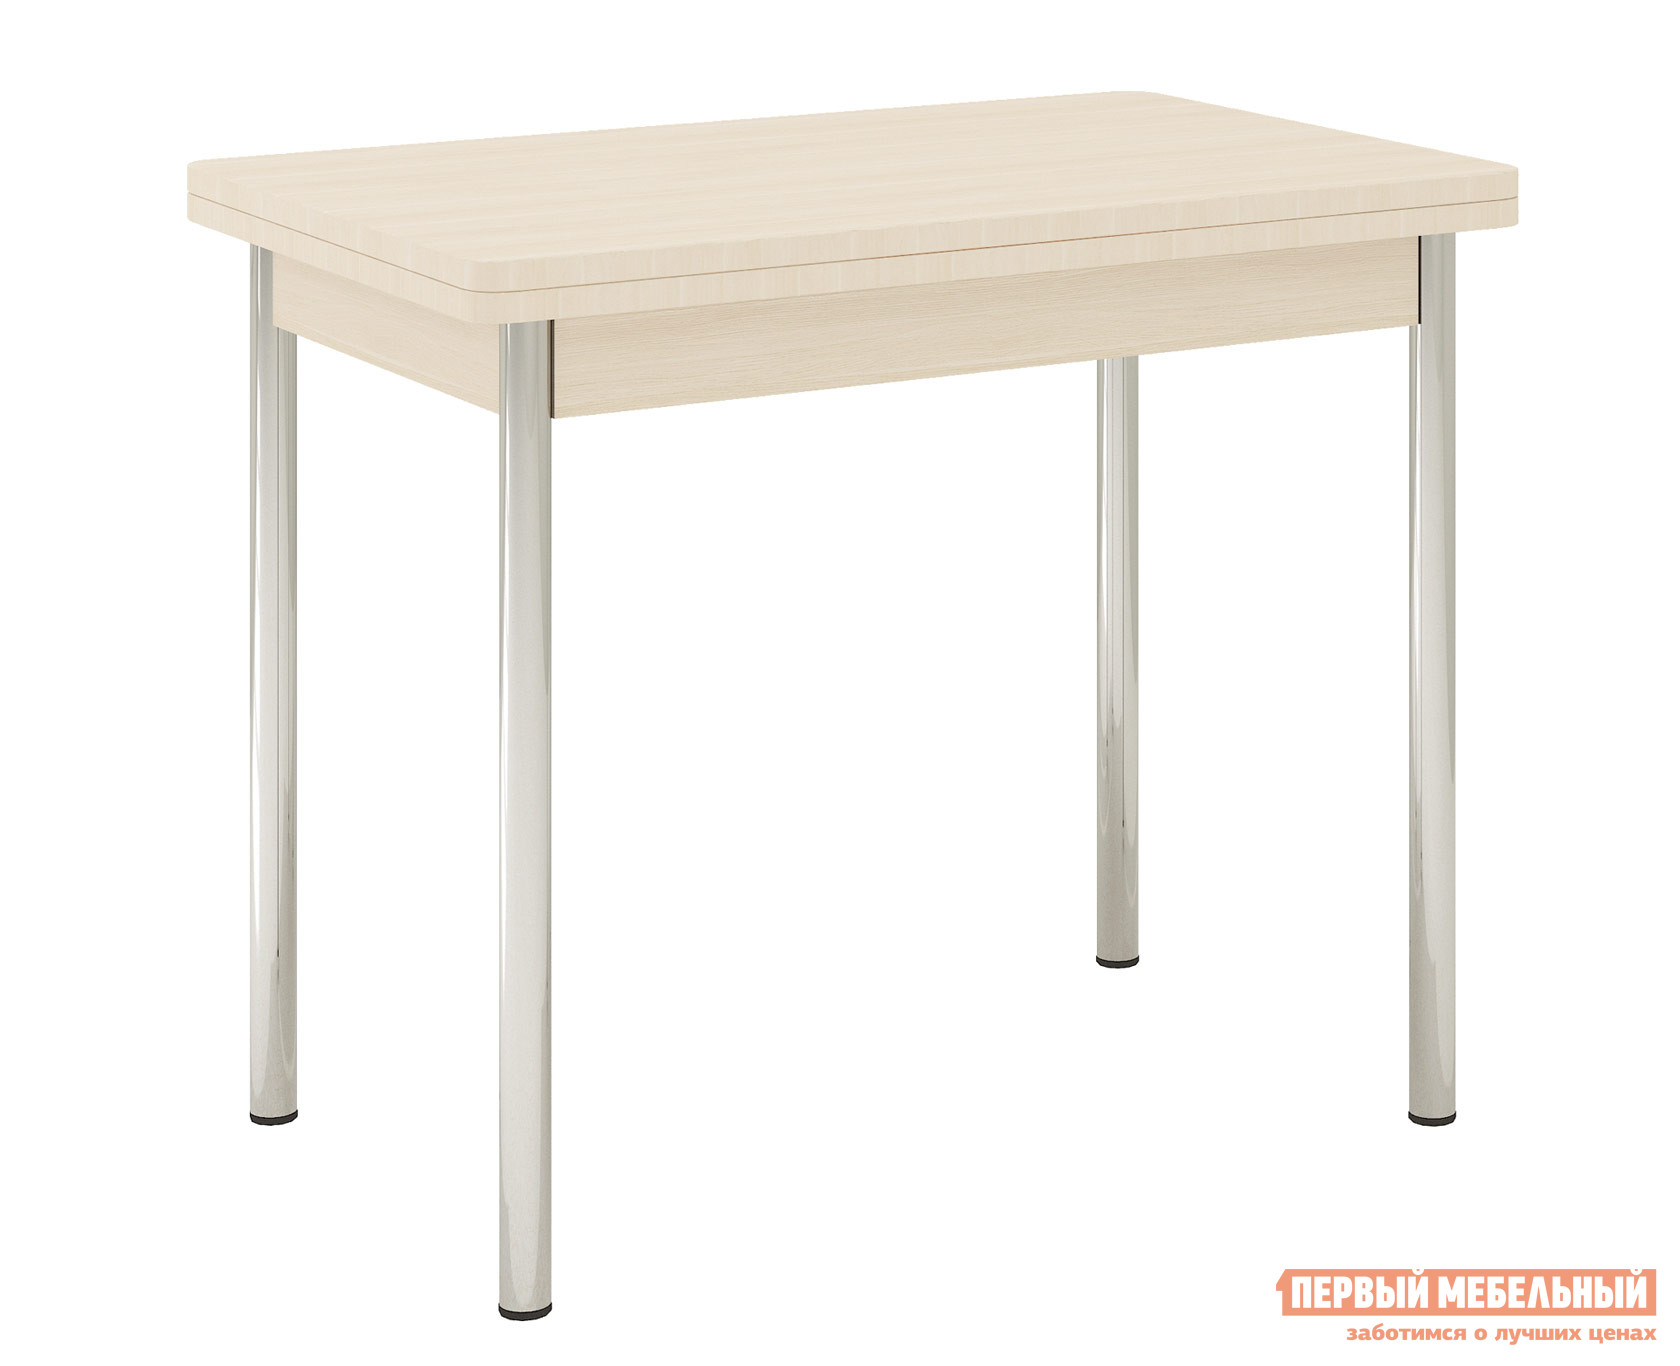 Деревянный кухонный стол-трансформер Витра Орфей-1.2